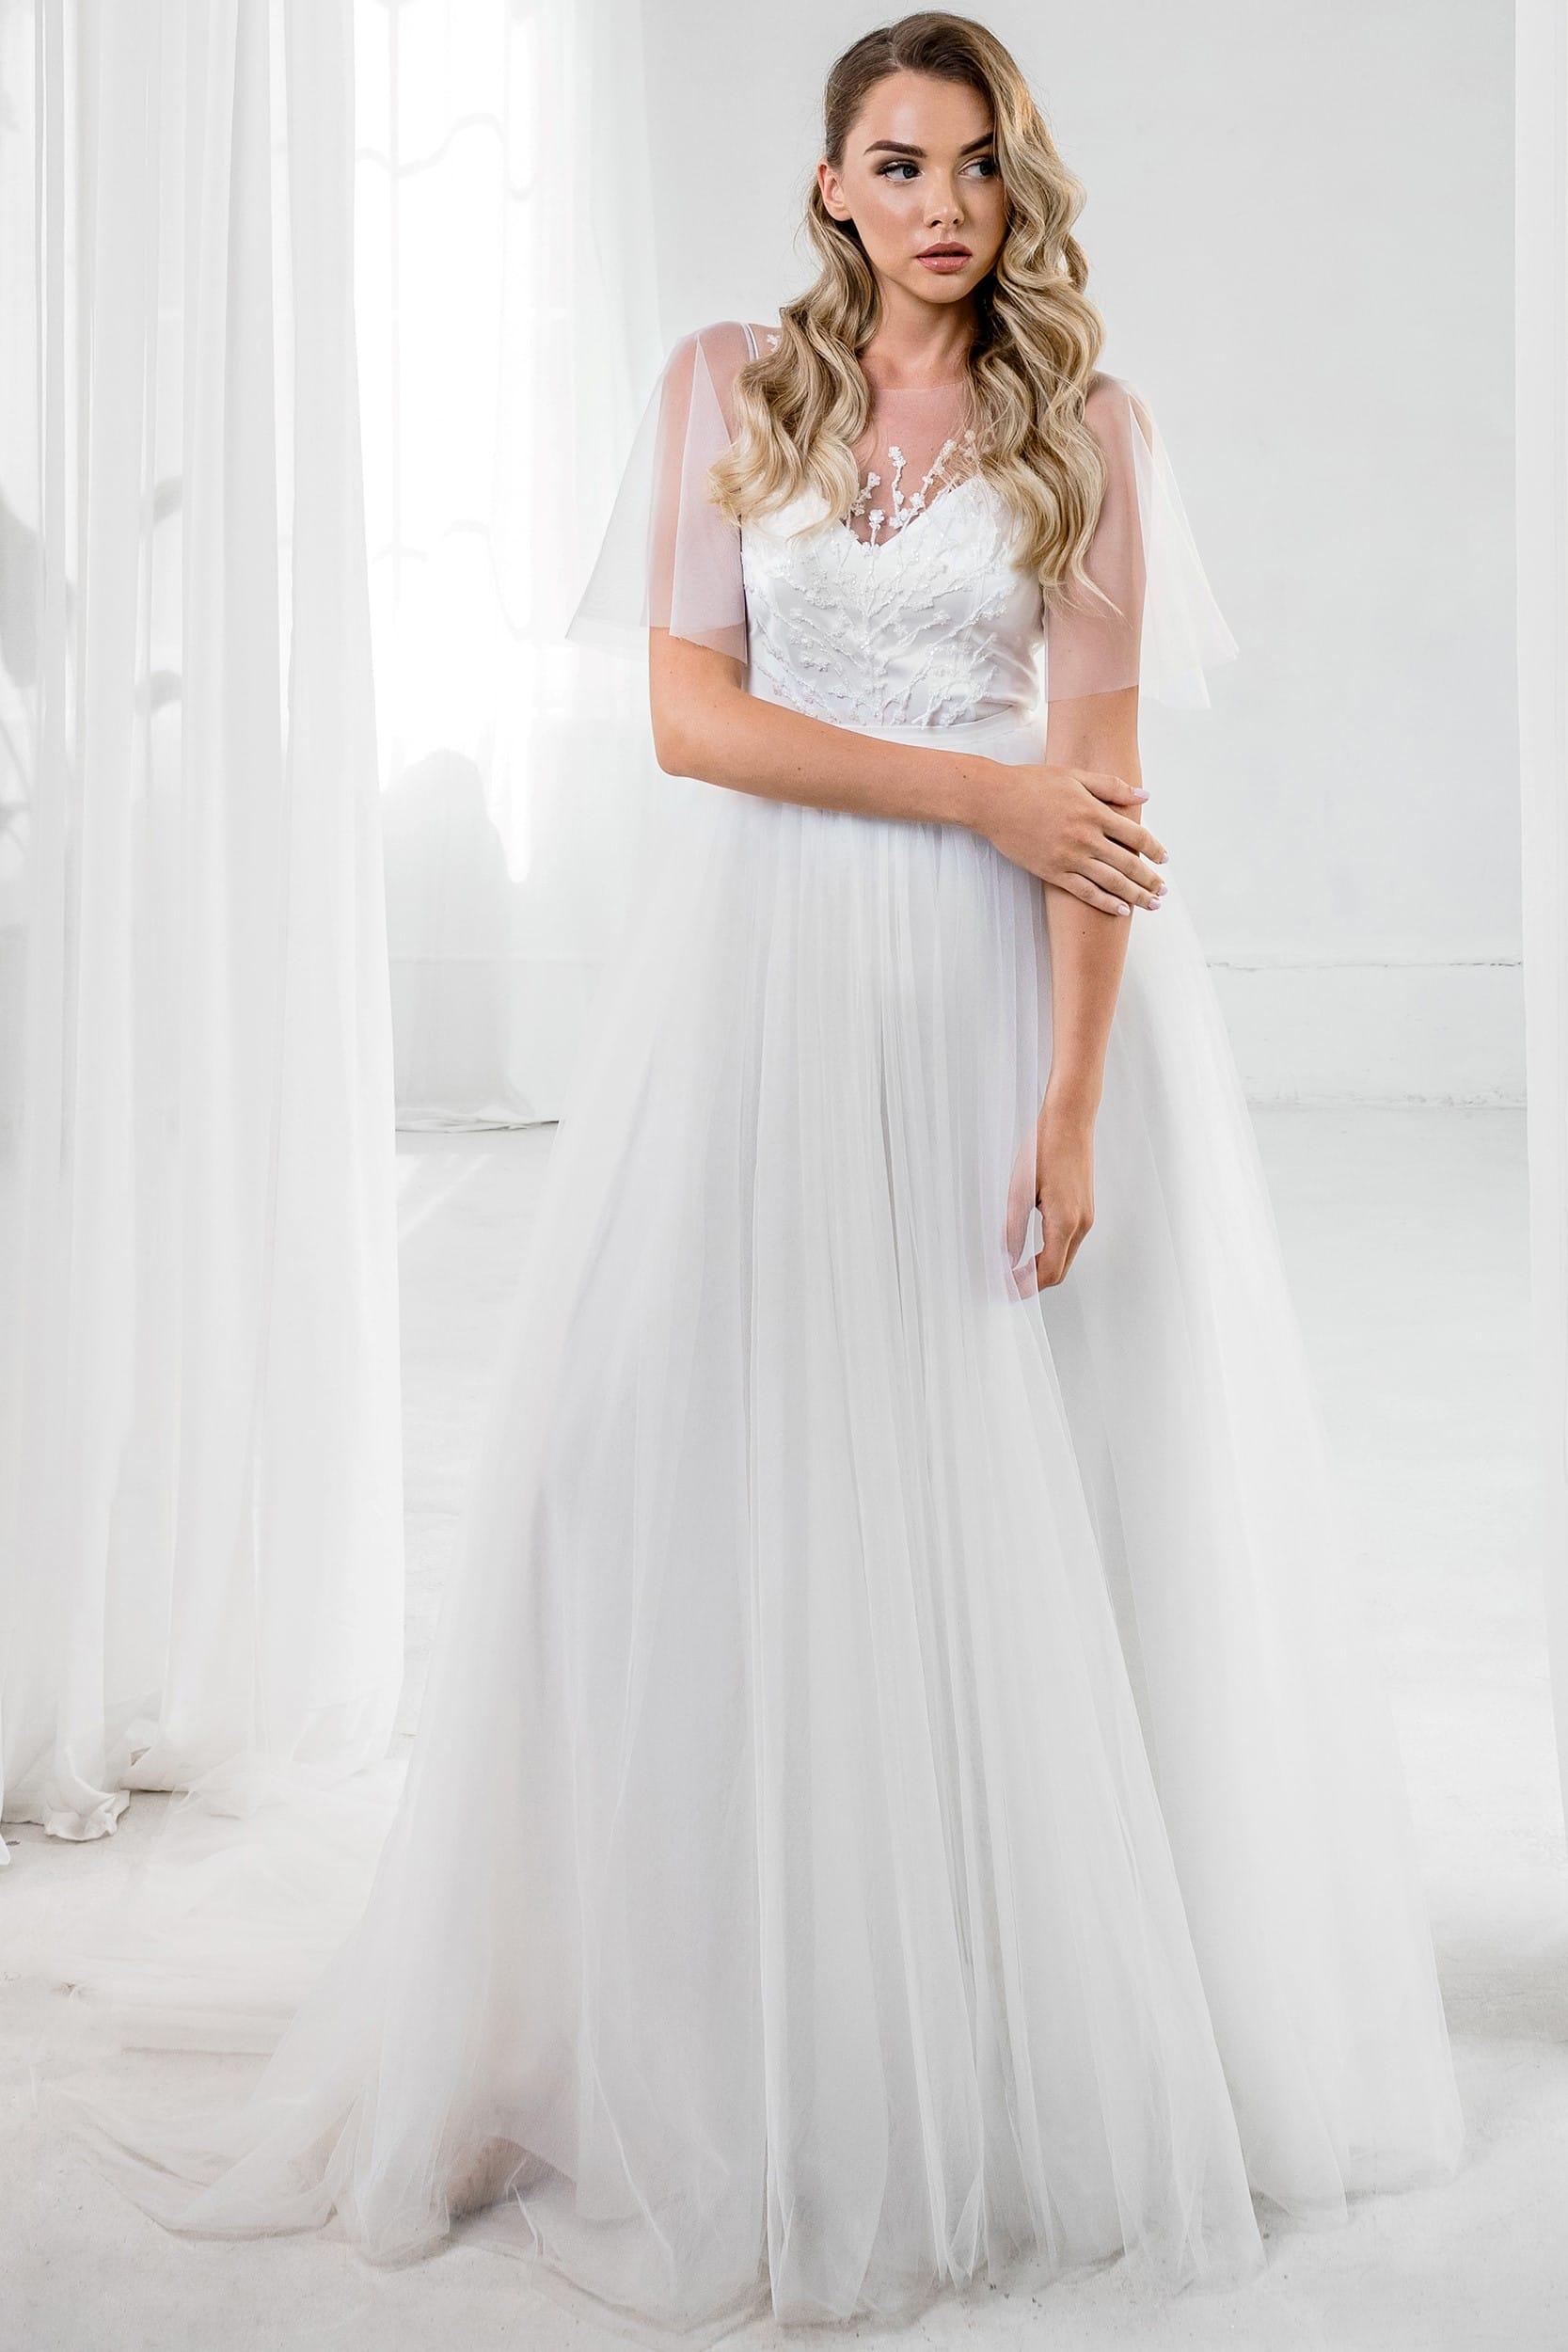 Пышное свадебное платье рустик с прозрачными рукавами, молочного цвета